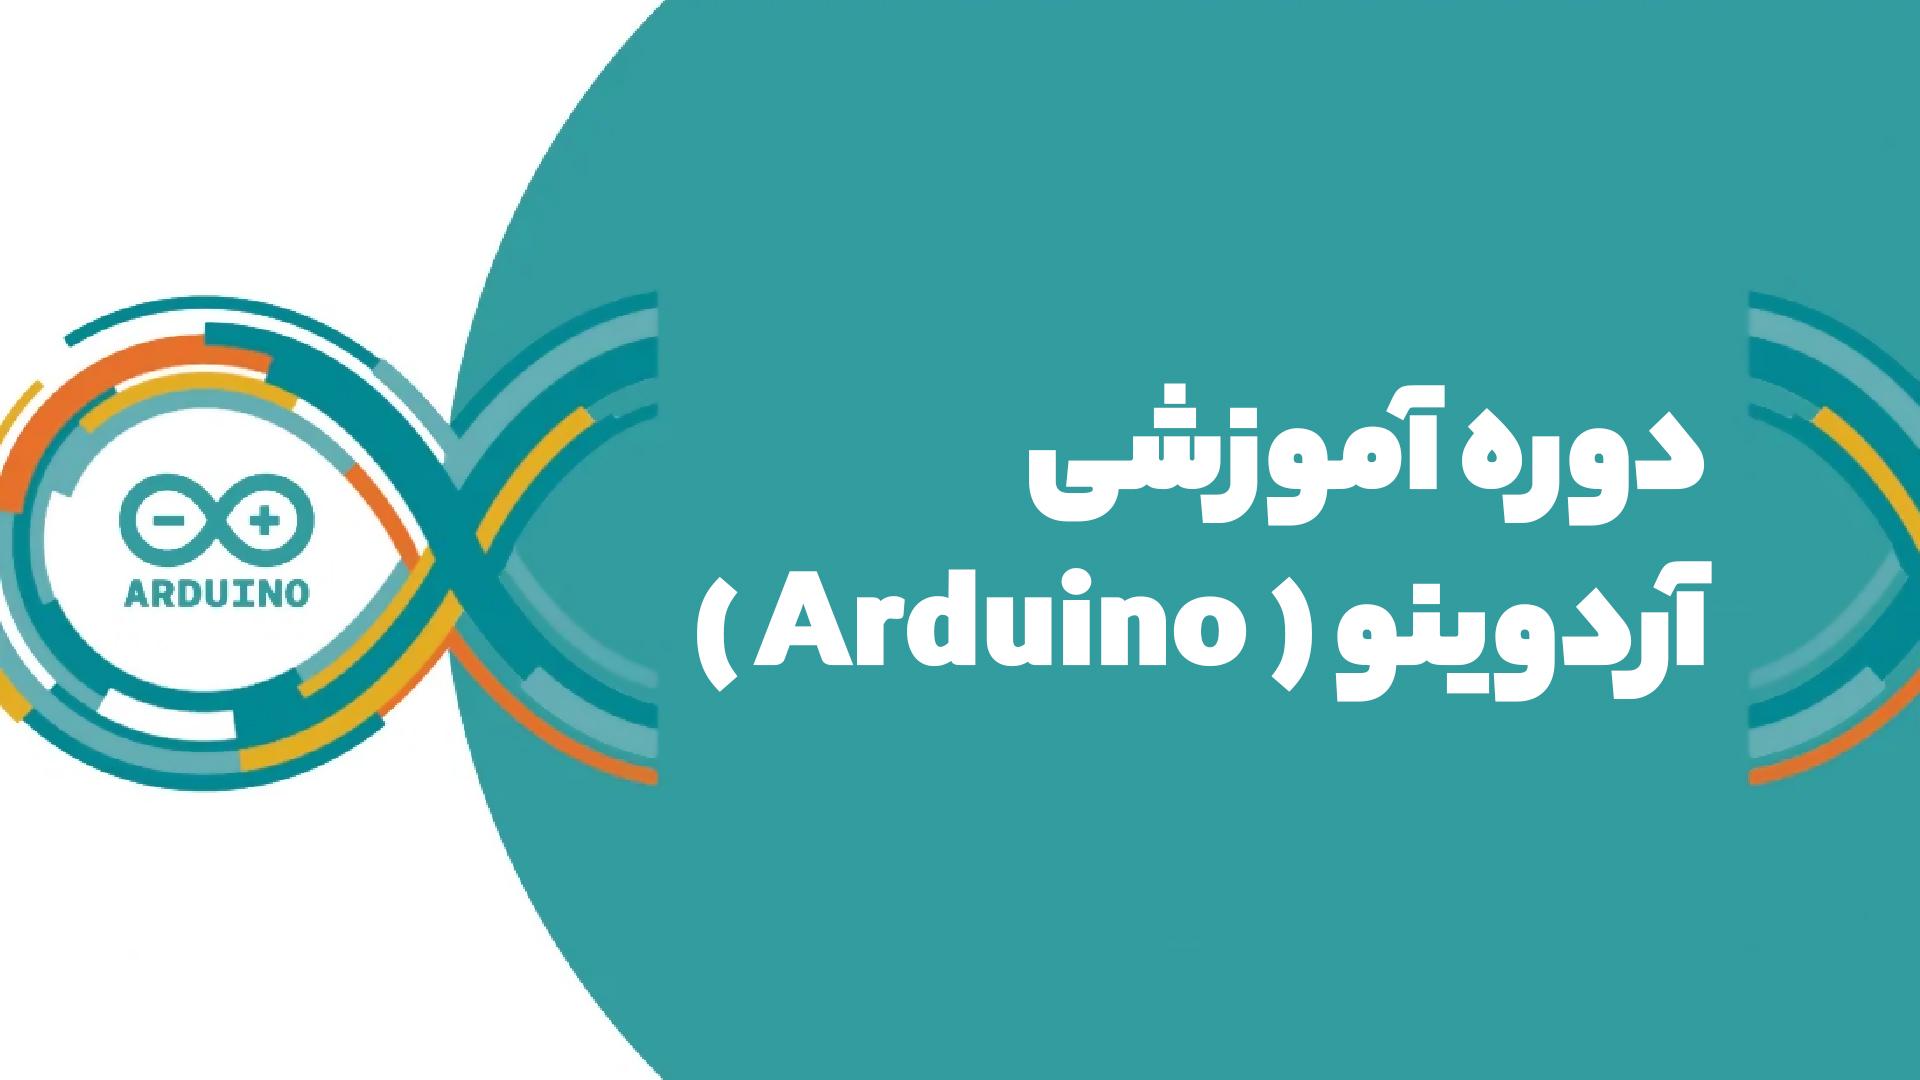 ویدیو آموزشی آردوینو